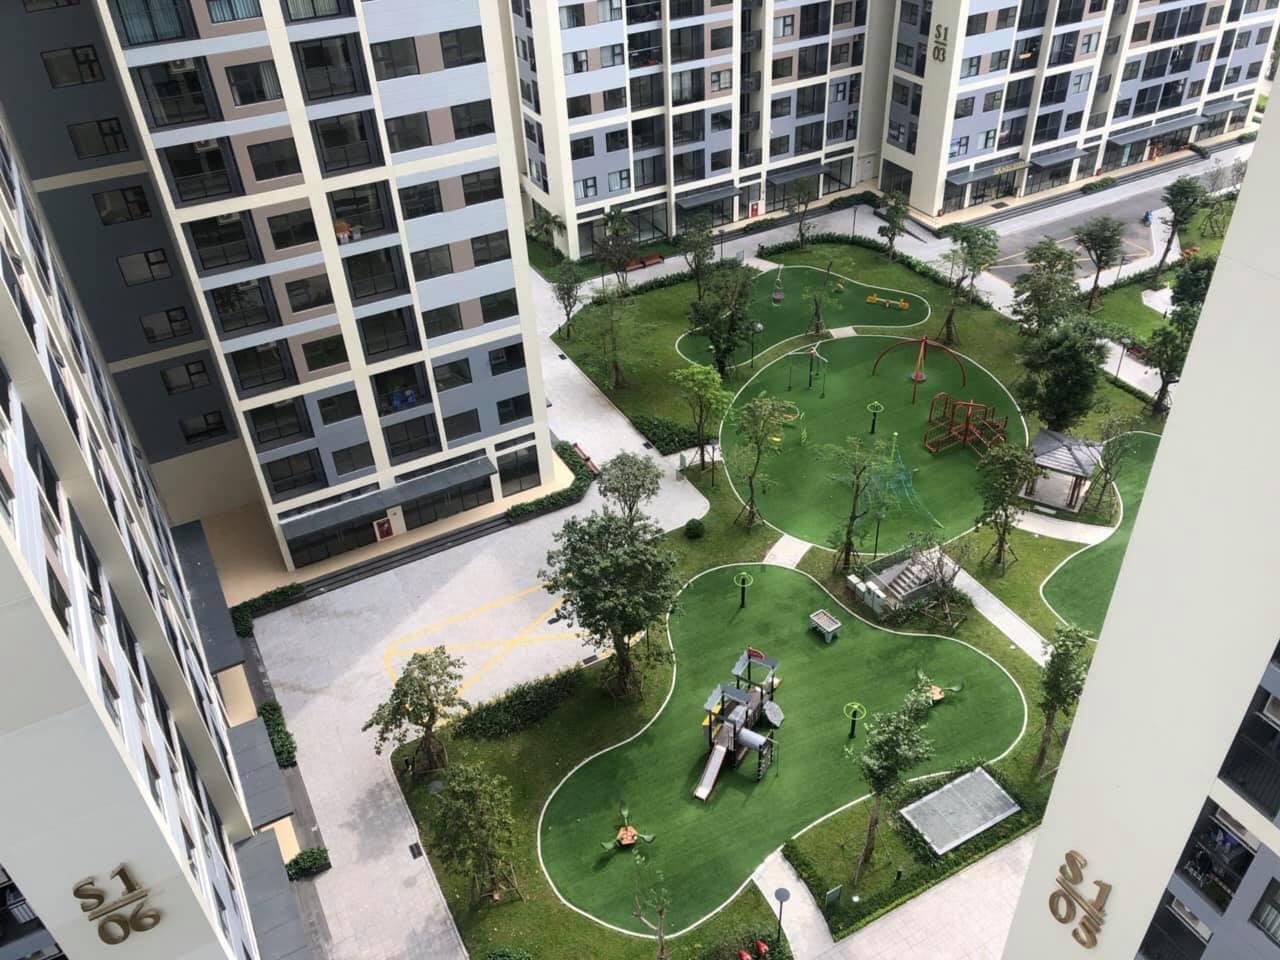 cho thuê căn hộ 1pn vinhomes grand park 3